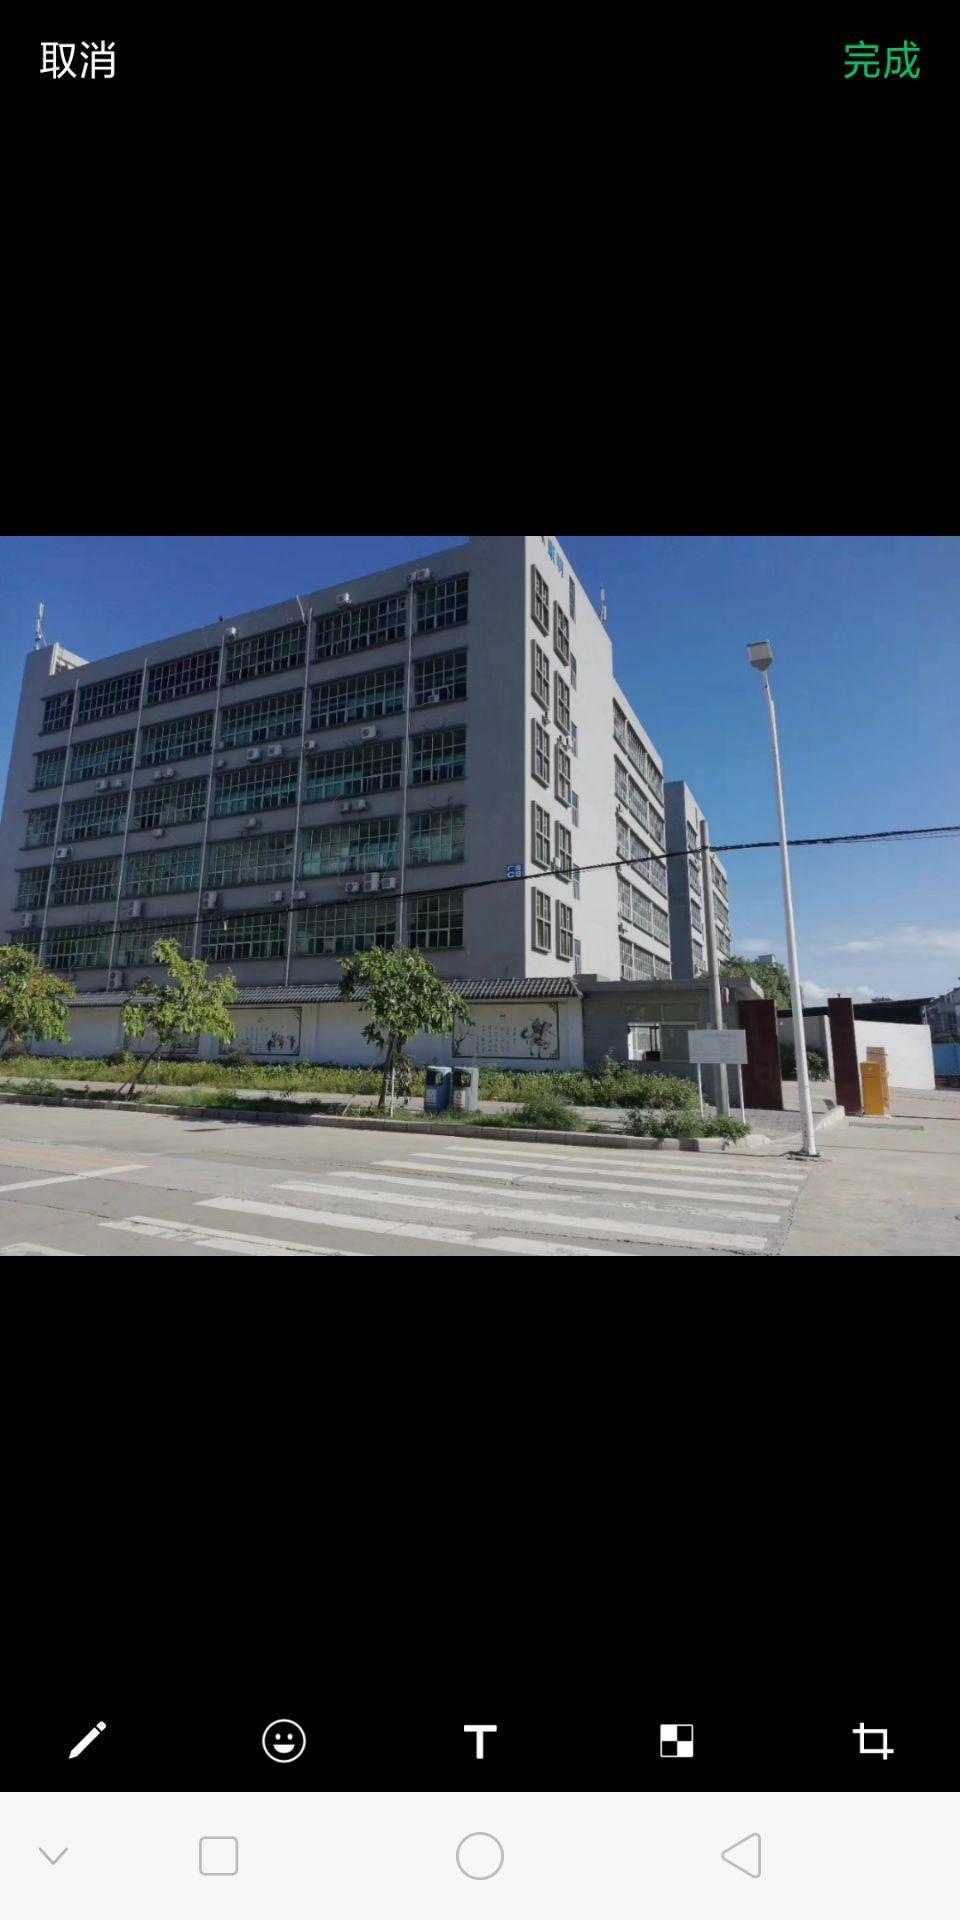 红本厂房实际面积出租35元一平方。厂房1-5层,单层面积16